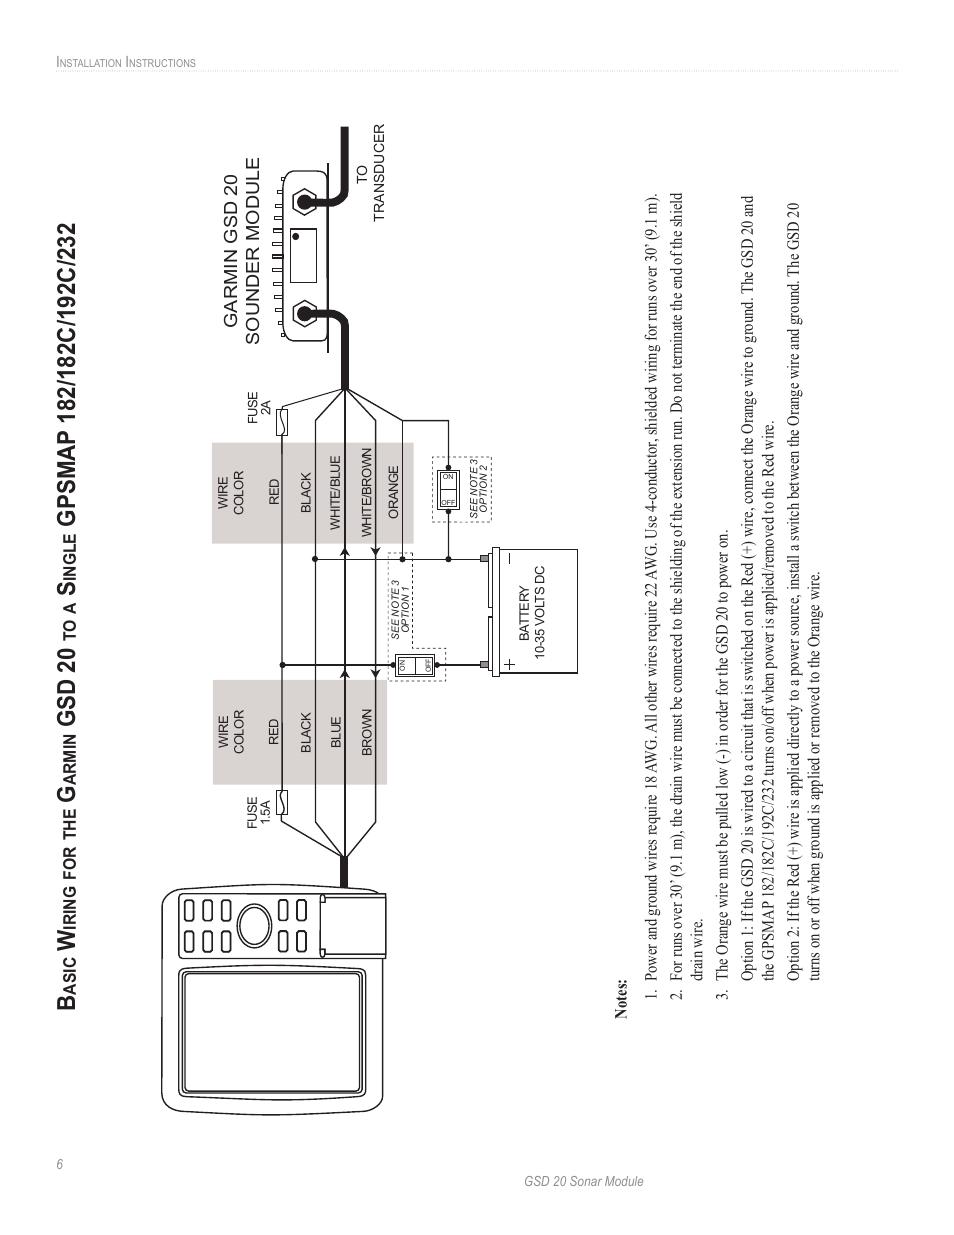 medium resolution of www manualsdir com manuals 107543 8 garmin gsd 20 rh 30 codingcommunity de garmin installation diagram